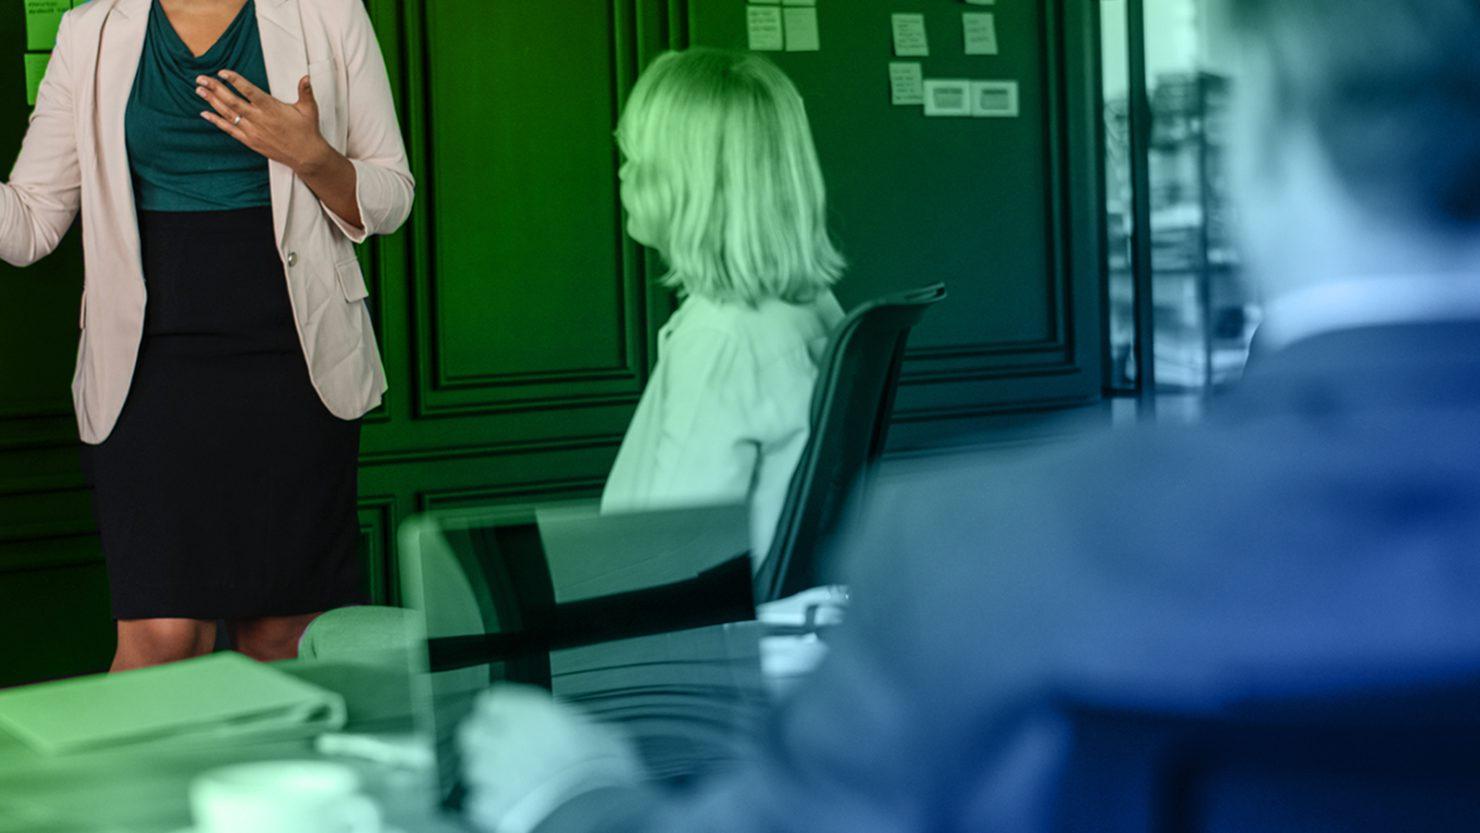 Статьи: Зачем IT-рекрутеру технические скиллы?. Для успешного рекрутера важно налаживать и поддерживать отношения с кандидатами и заказчиками.